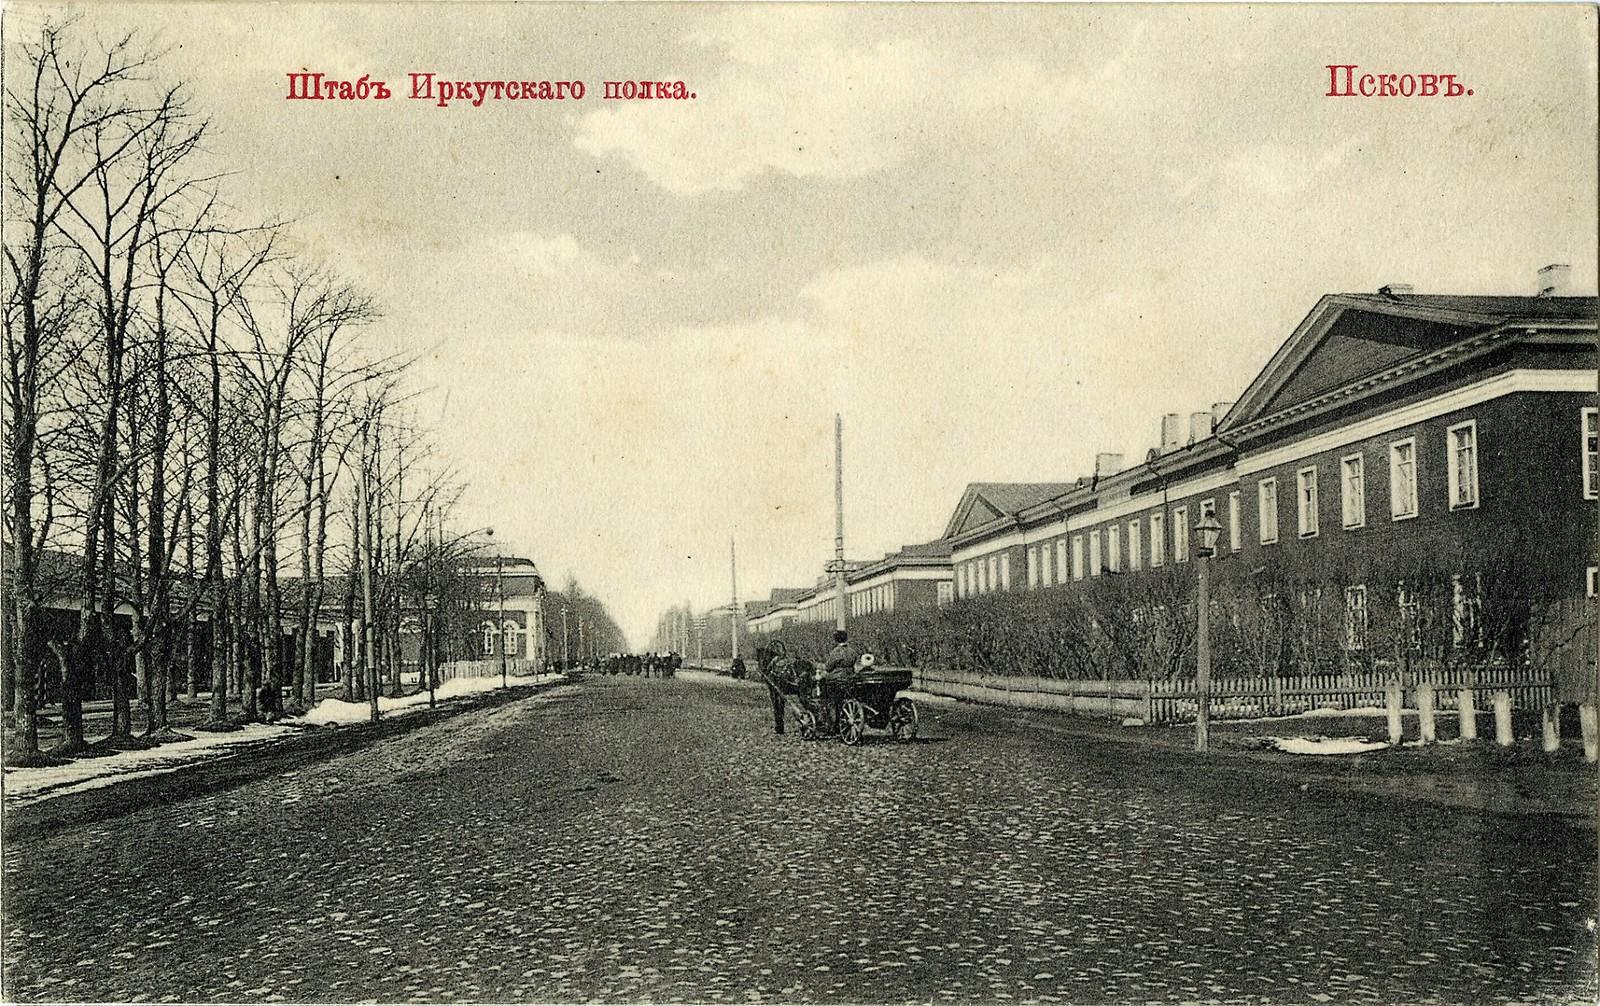 Штаб Иркутского полка.